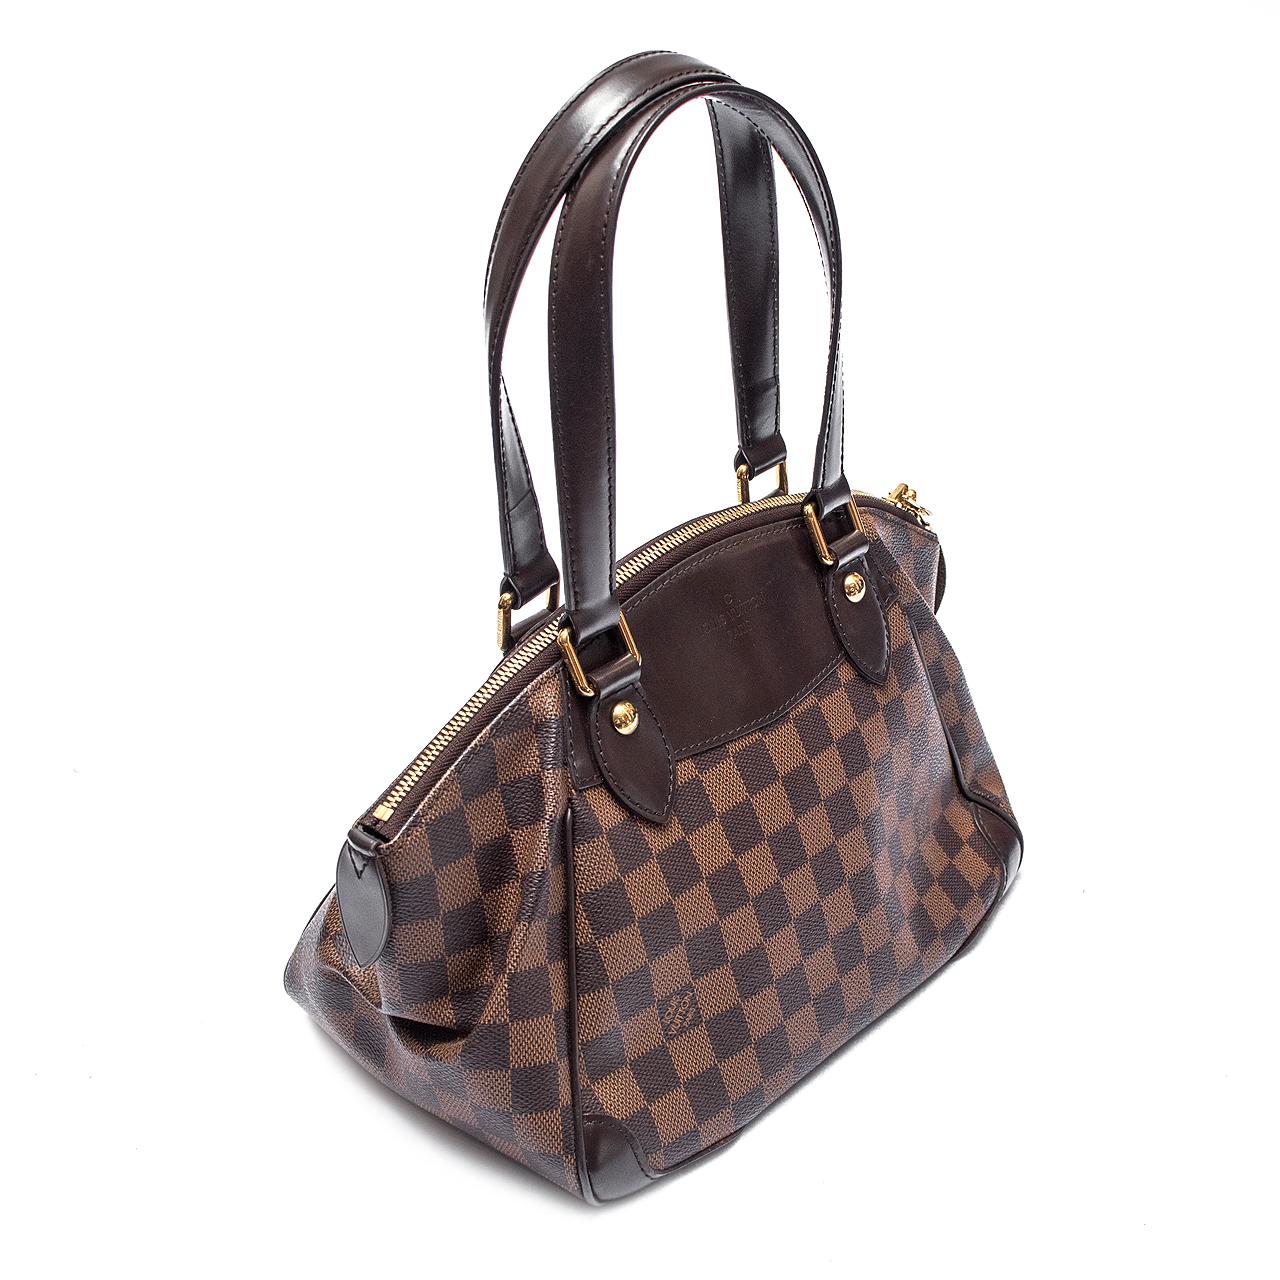 c09e43fa7 Bolsa Louis Vuitton Verona | Box de Grife